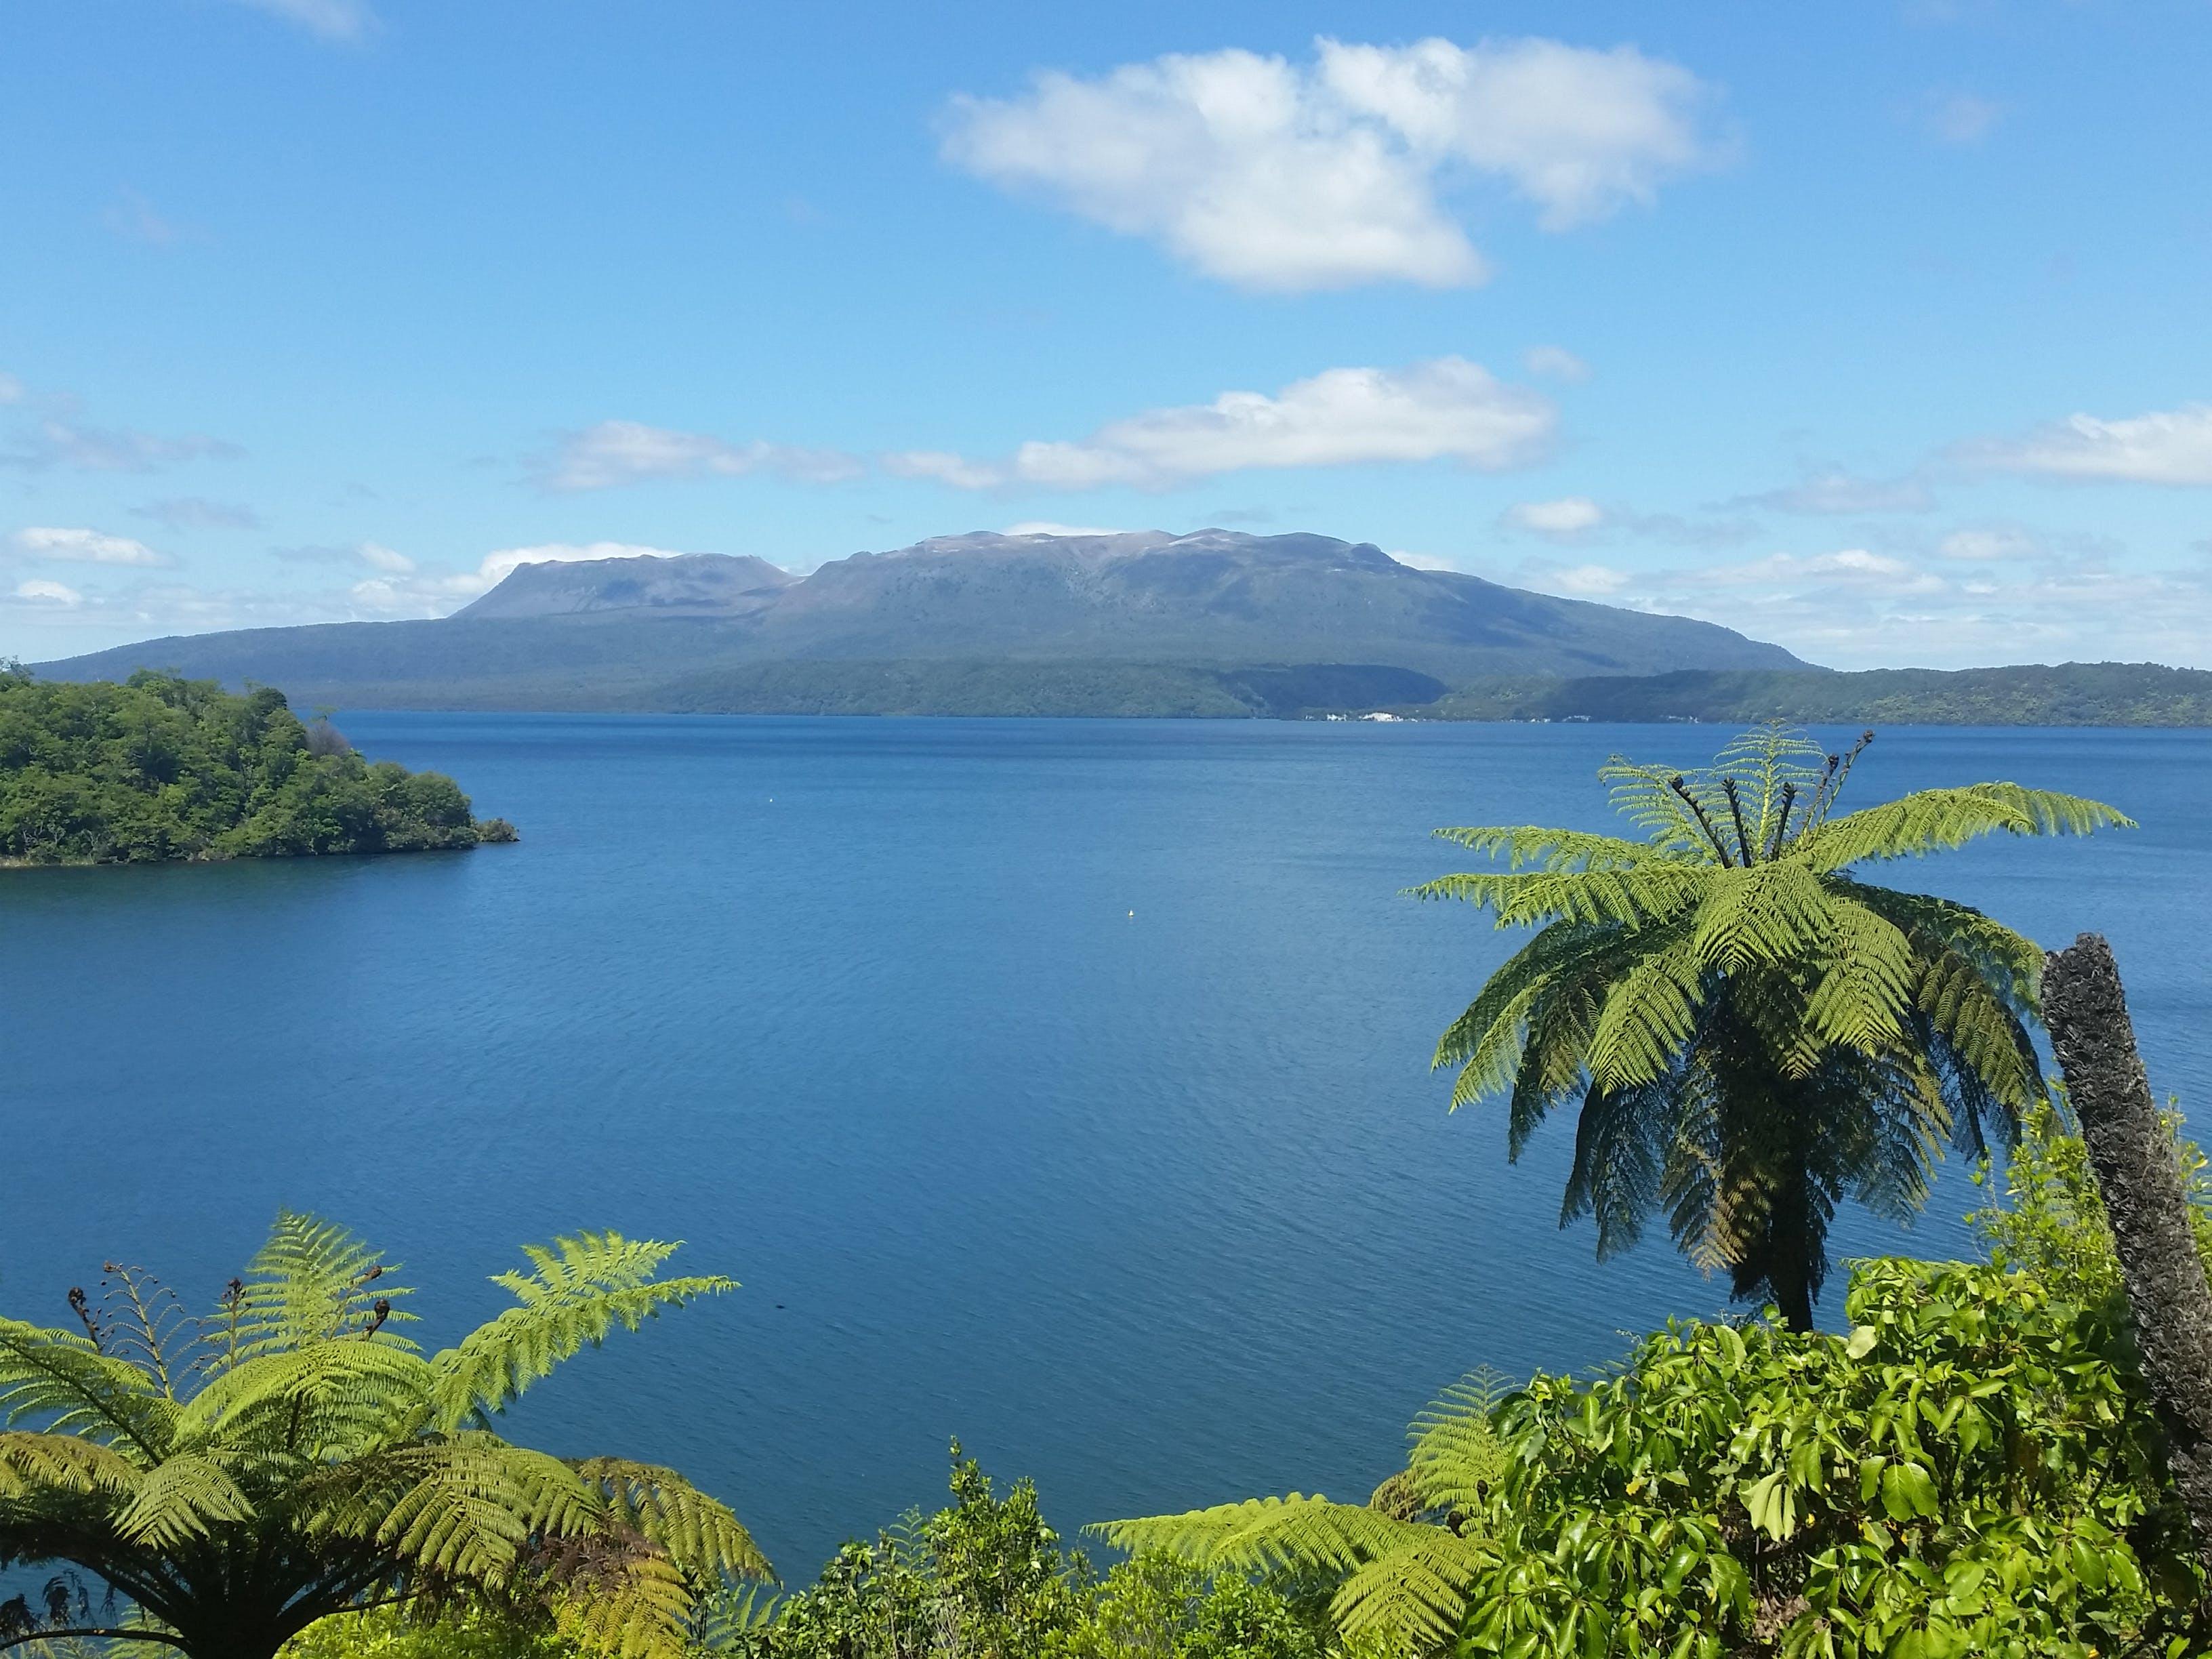 #7 Lake Tarawera